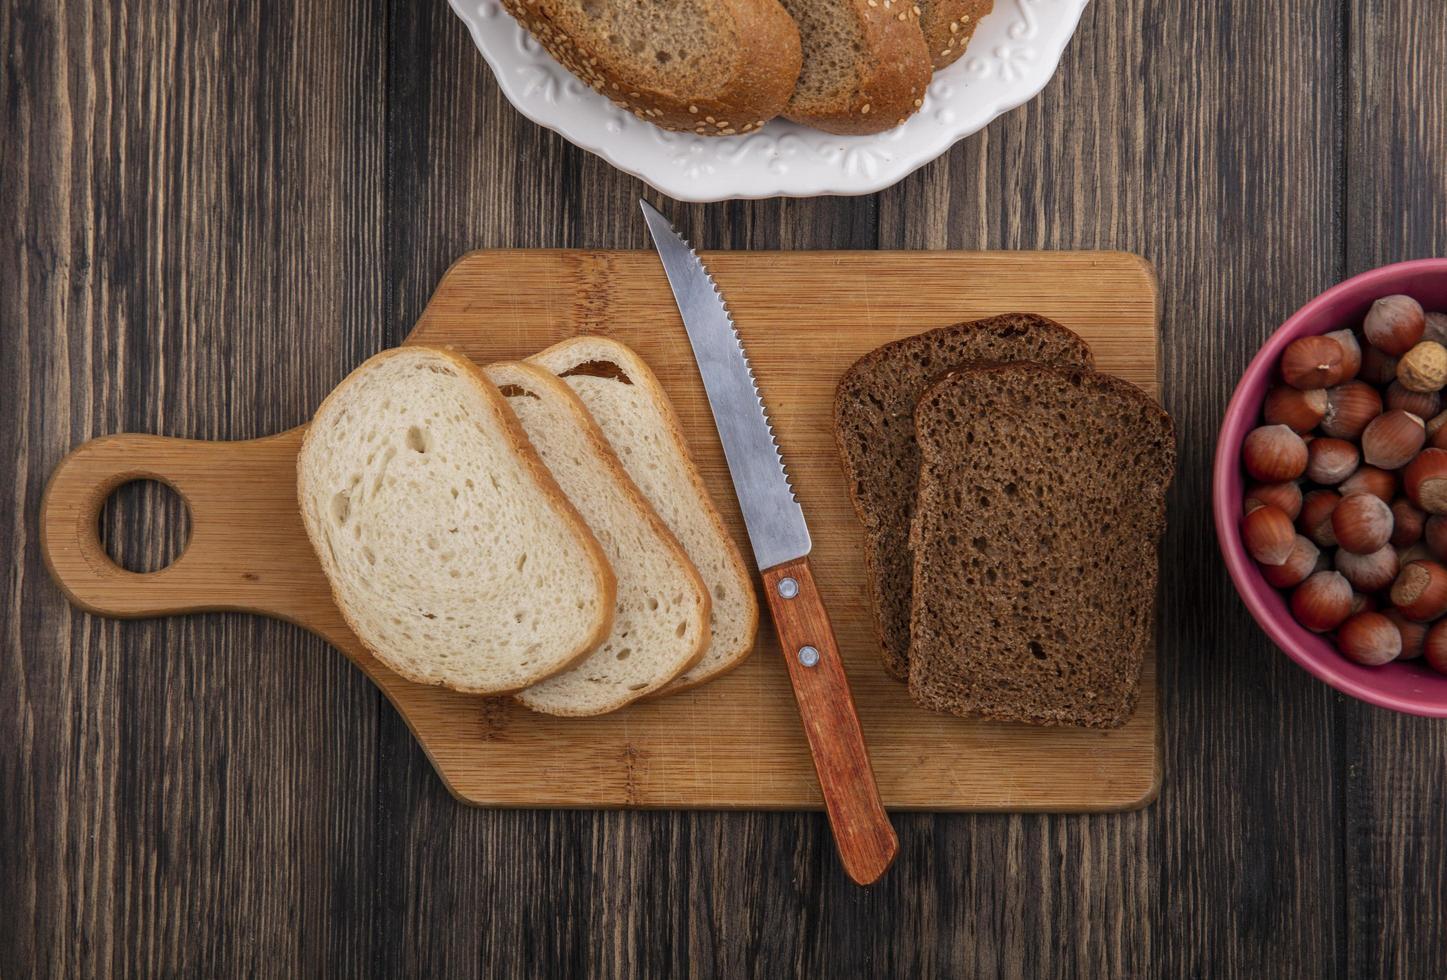 vista superior de panes en rodajas foto